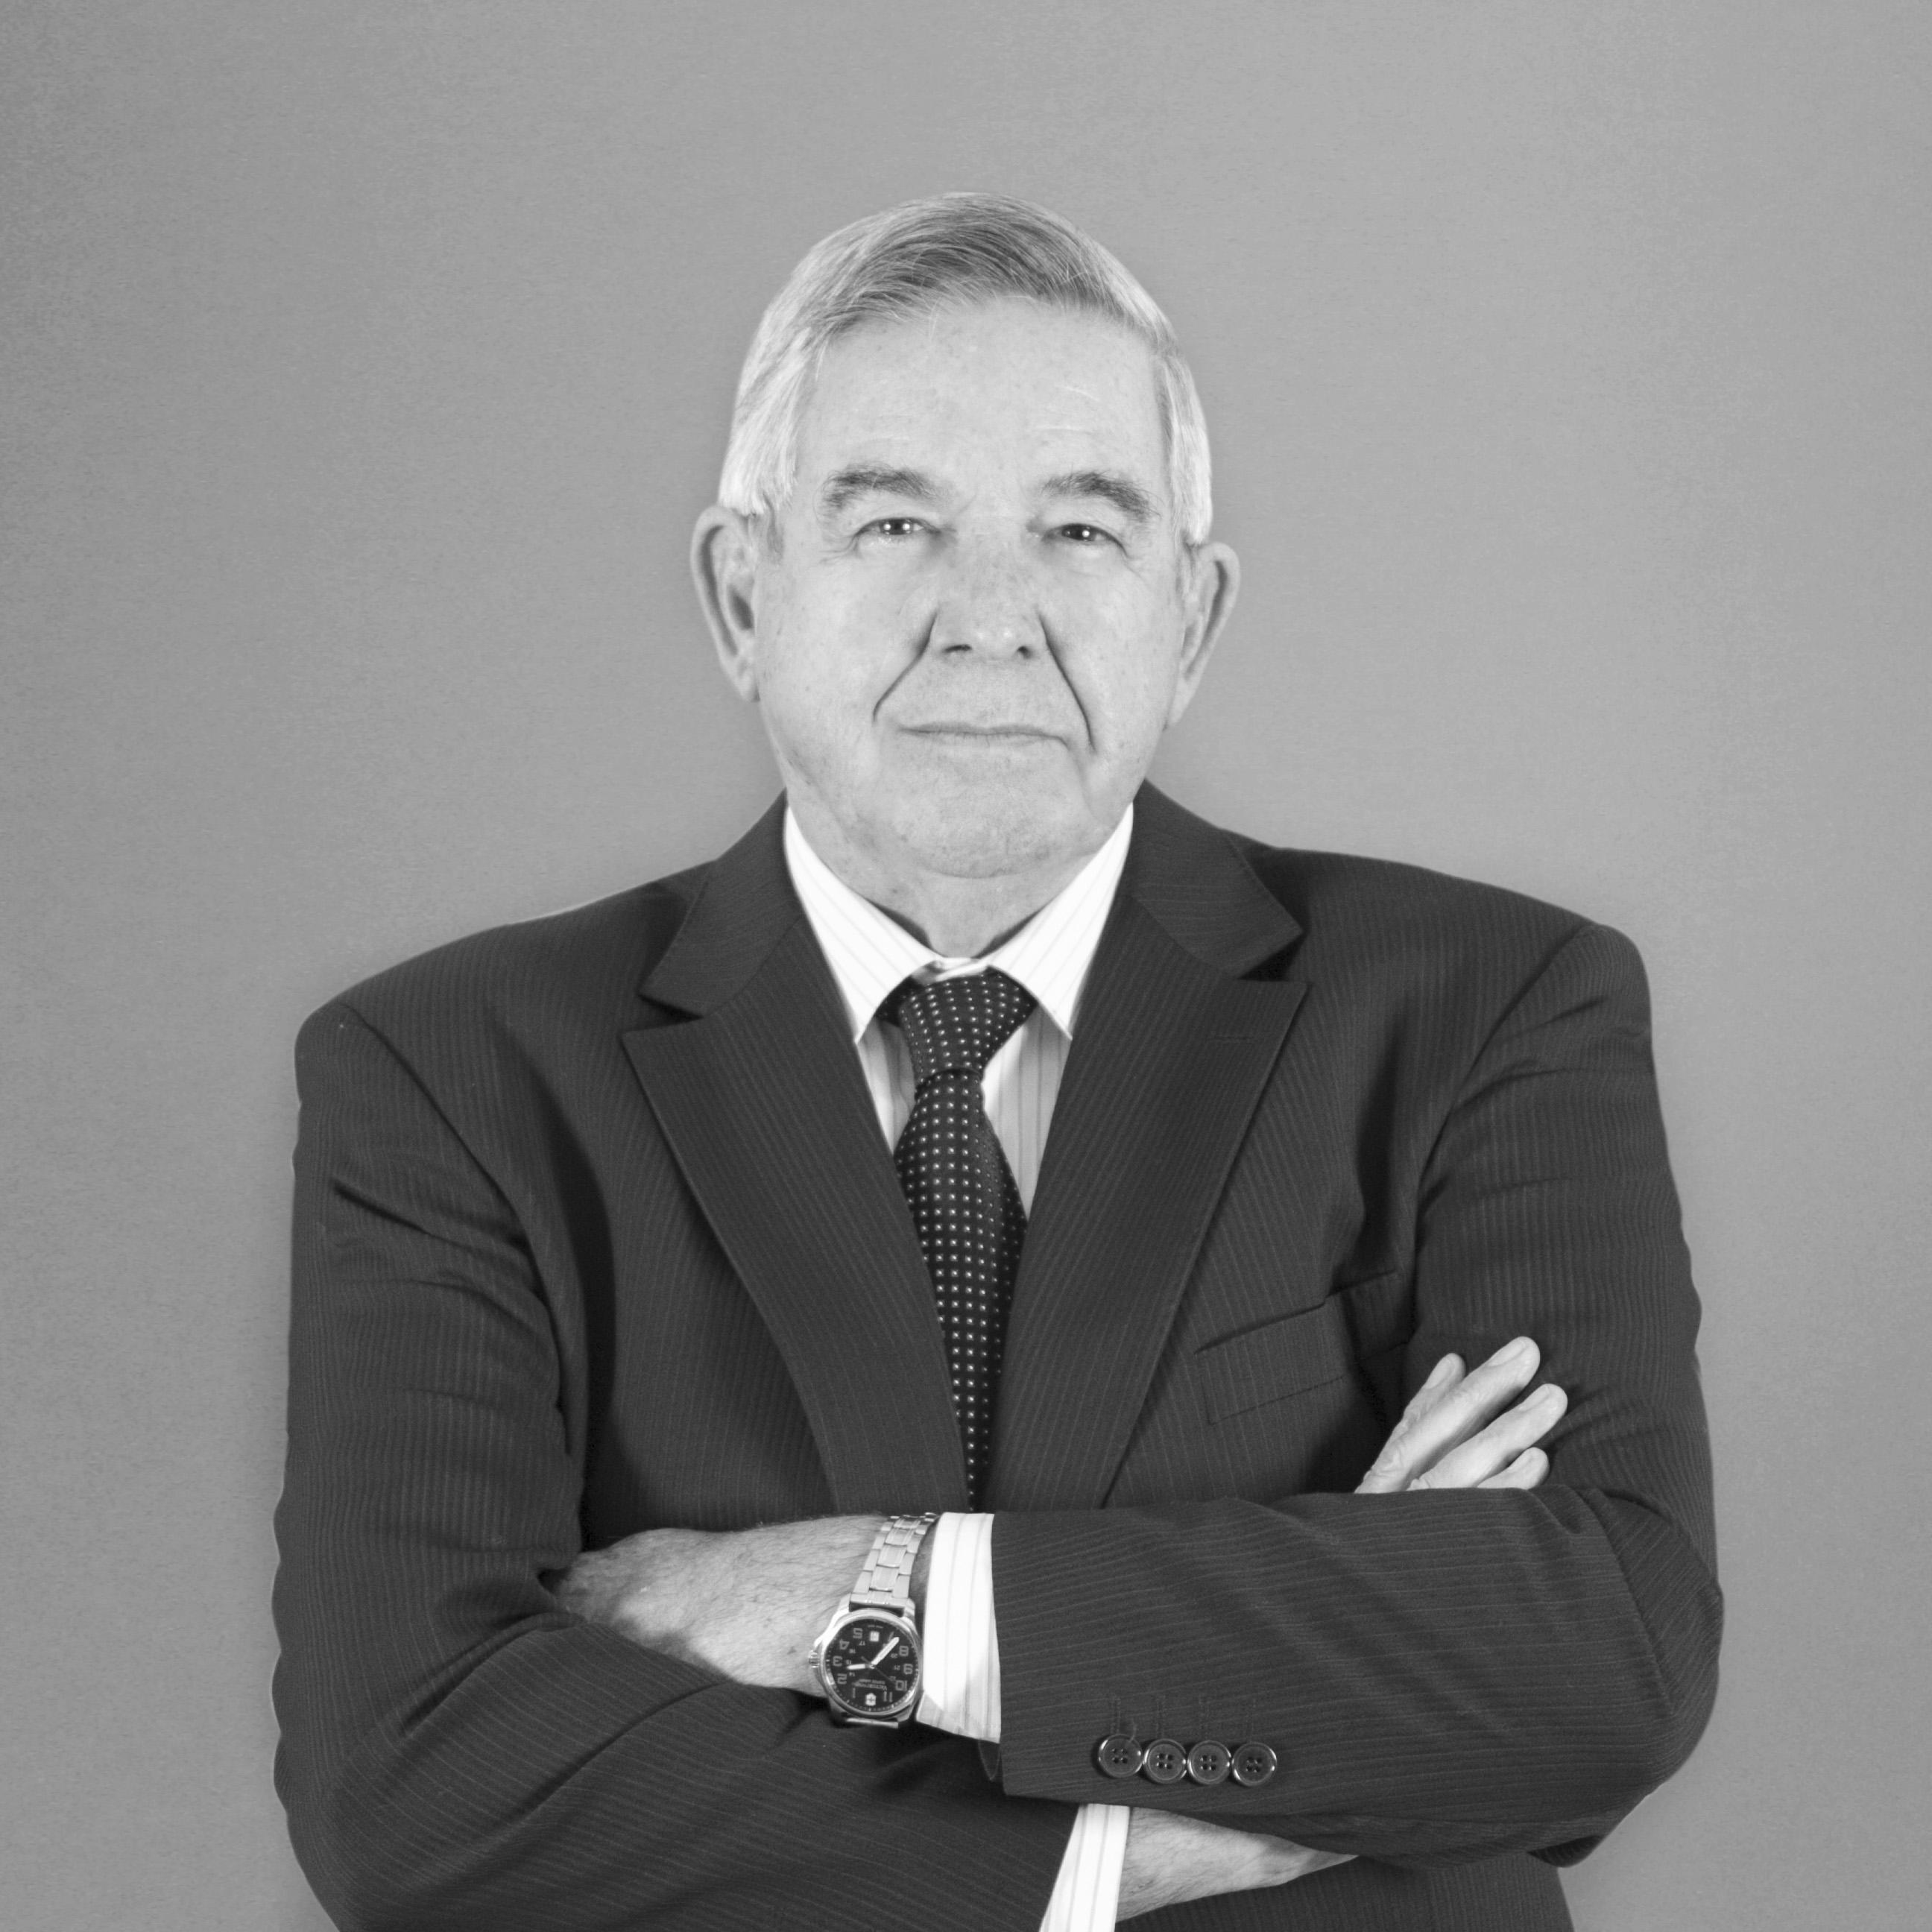 Walter Jobim Neto